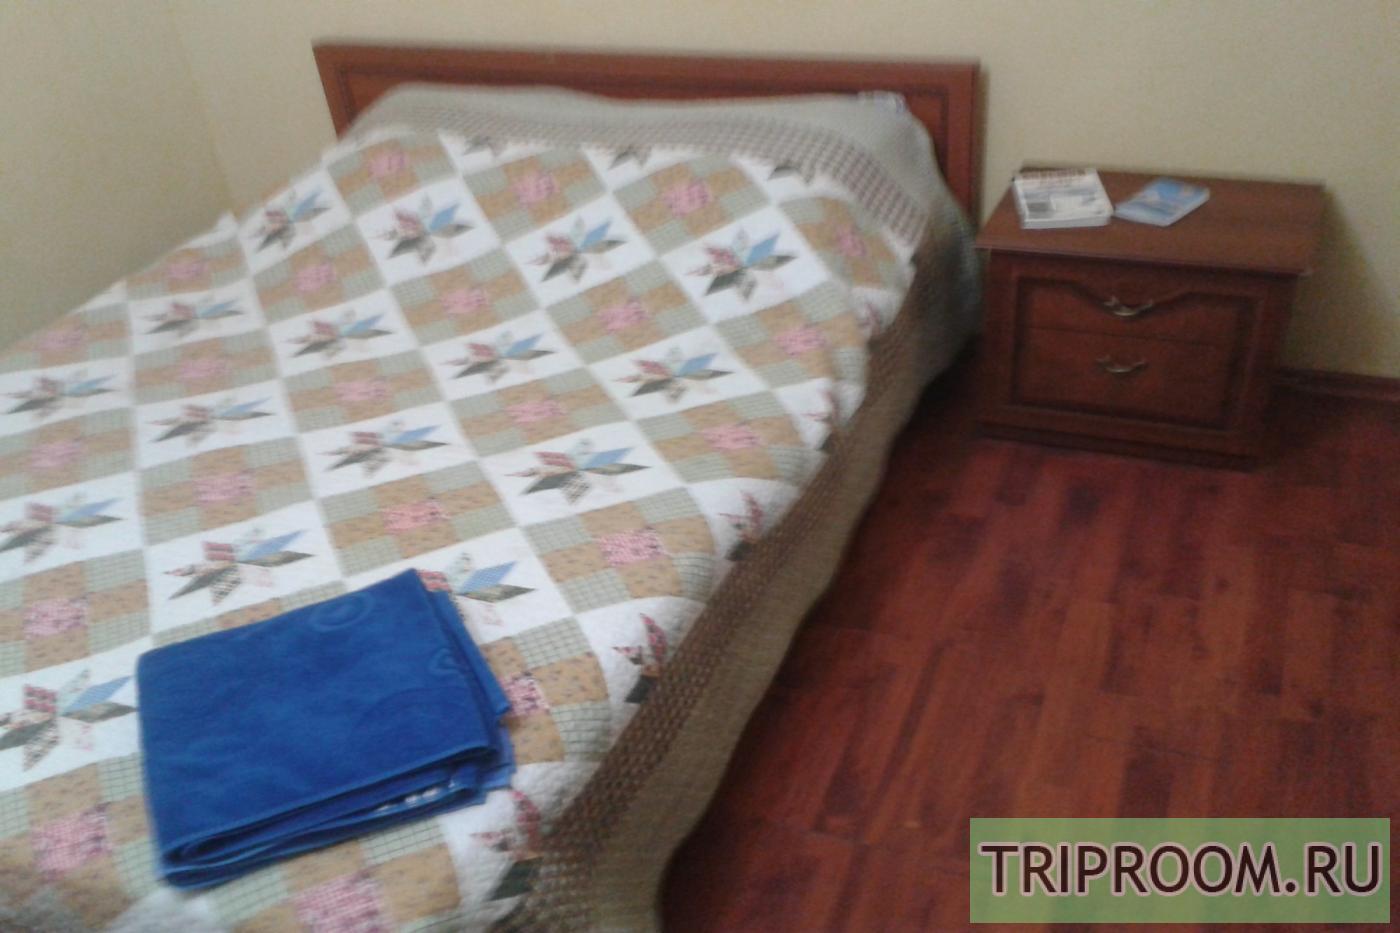 1-комнатная квартира посуточно (вариант № 2452), ул. Невская улица, фото № 11